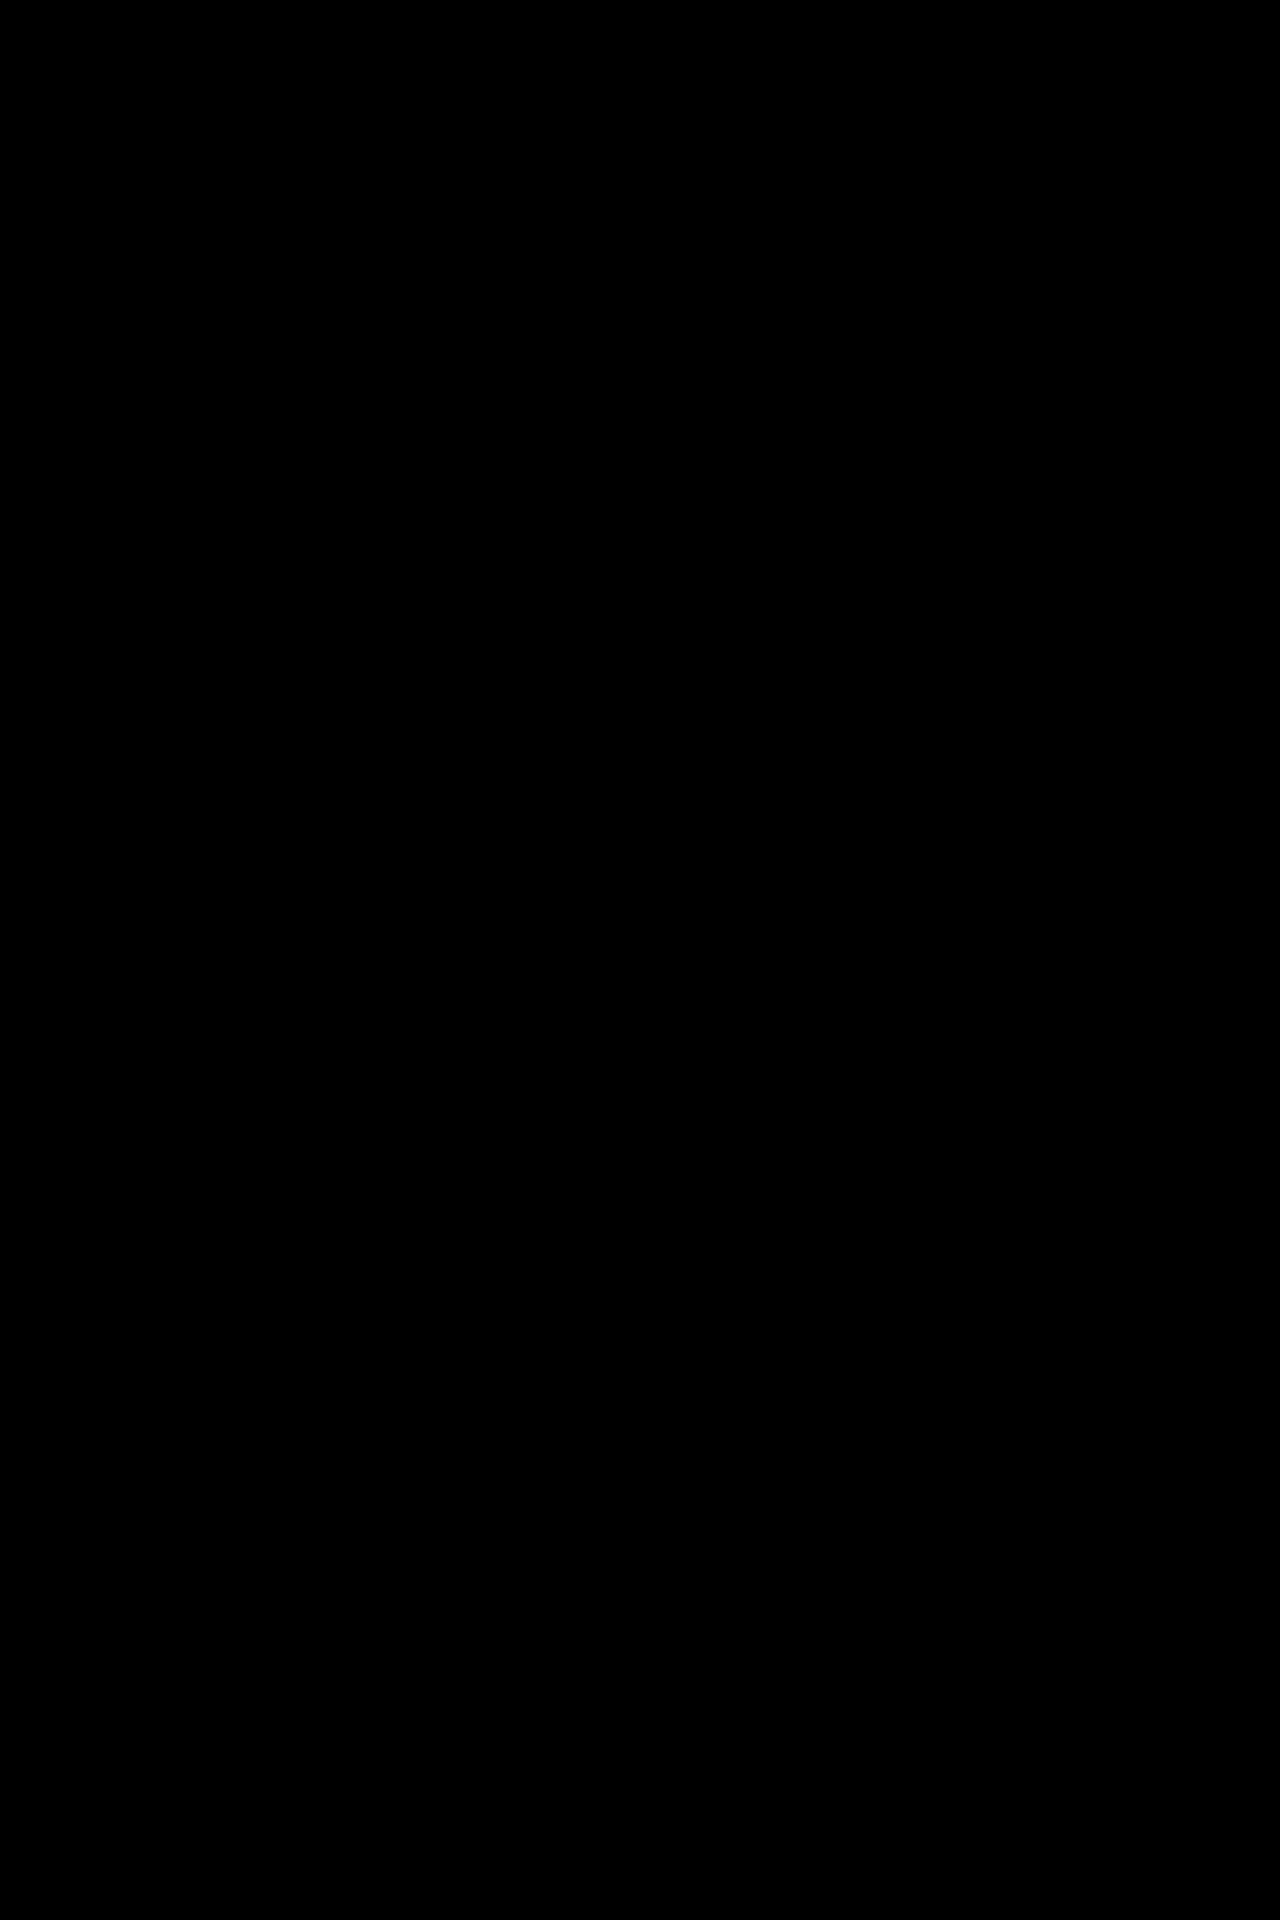 9370732C-7F6F-4736-B697-FB7700C72973